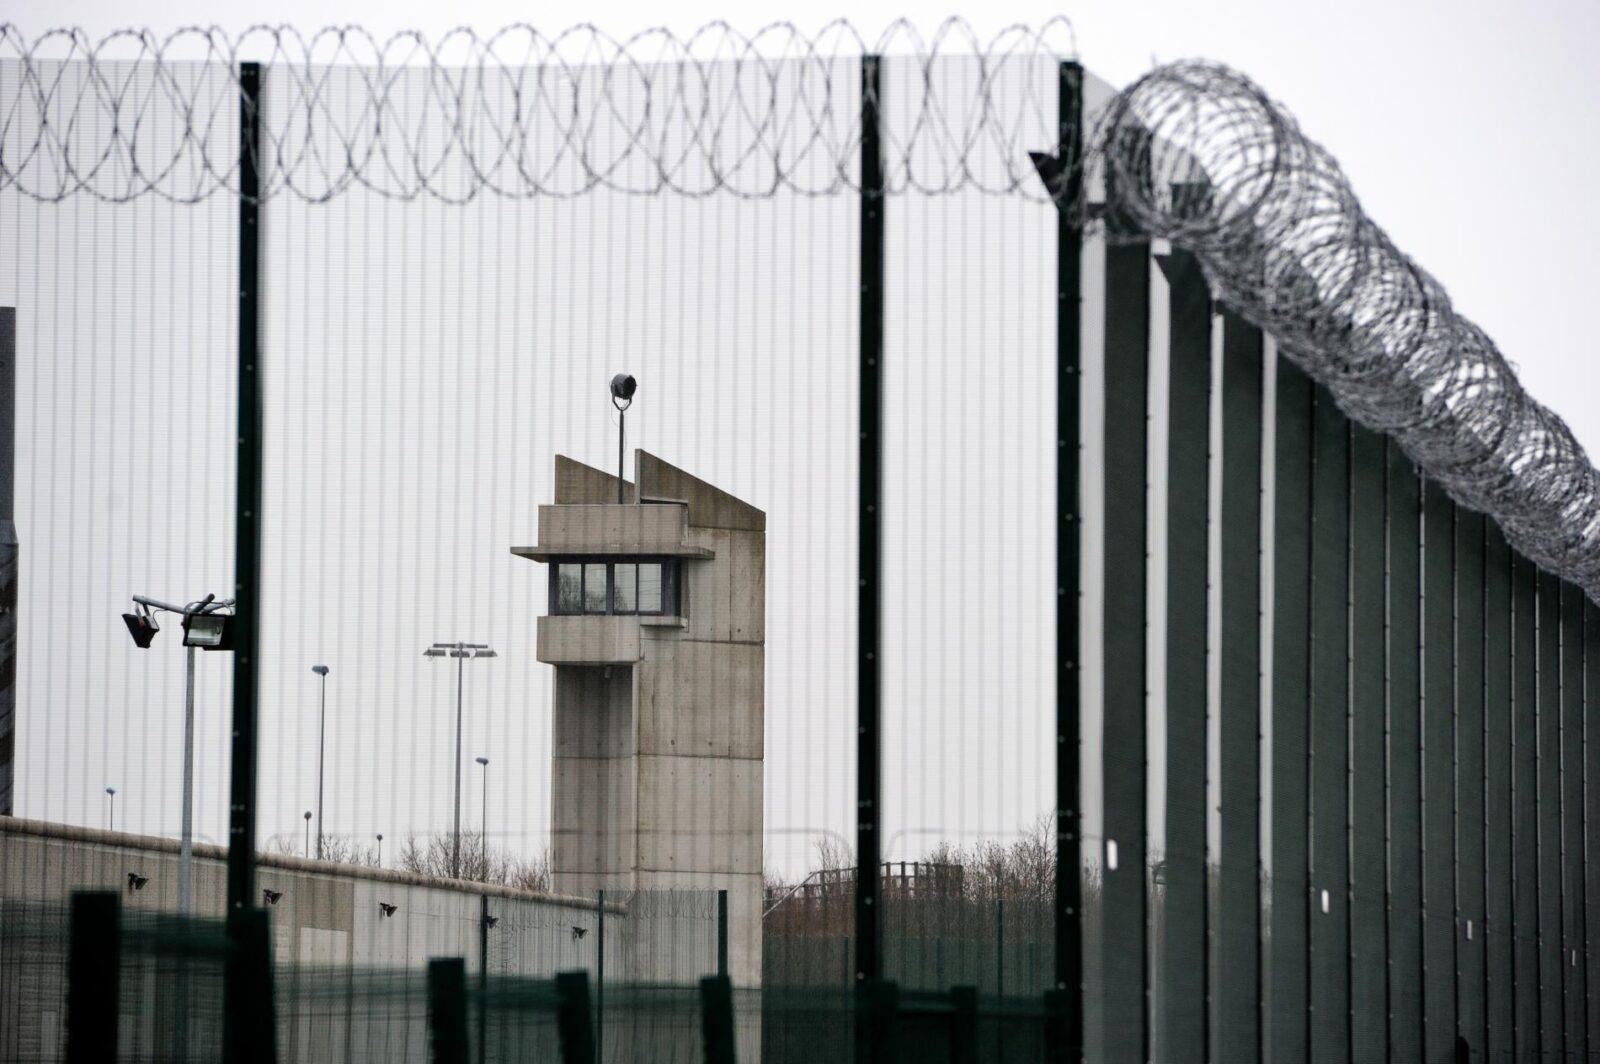 43 000 человек освобождены от уголовной ответственности благодаря амнистии